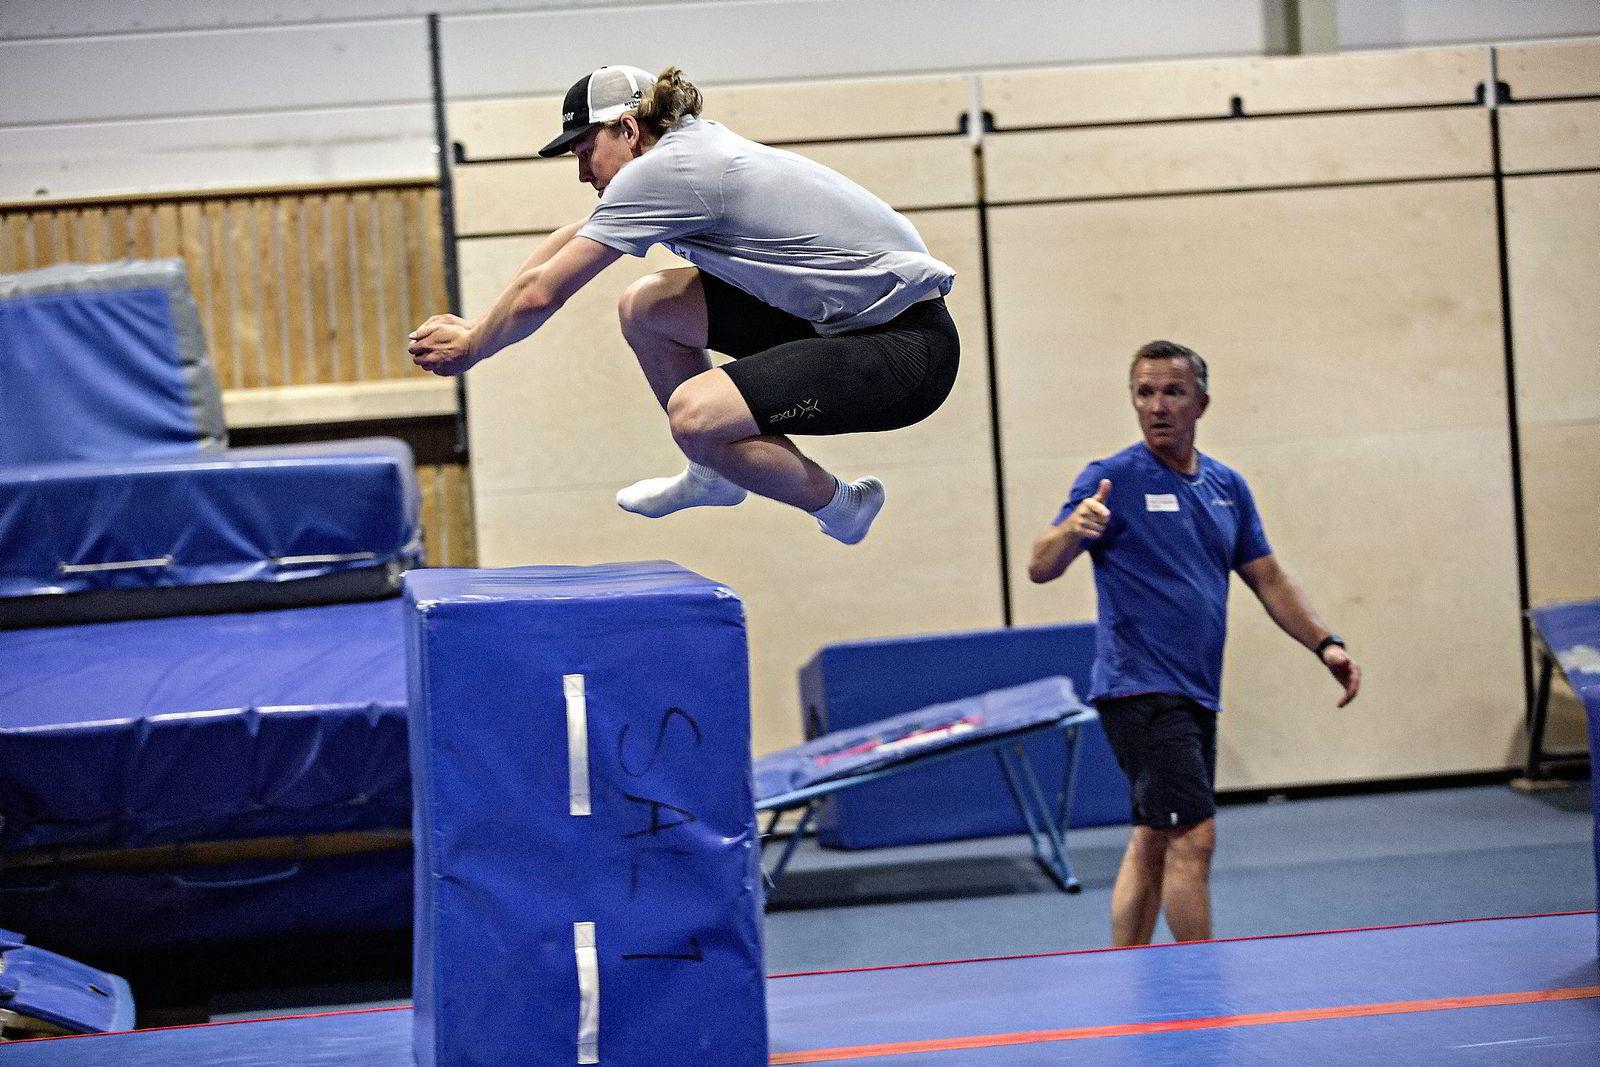 Axel Patricksson spretter over hindrene i turnsalen. Morten Bråten fra Olympiatoppen gir instruksjoner. Foto: Aleksander Nordahl